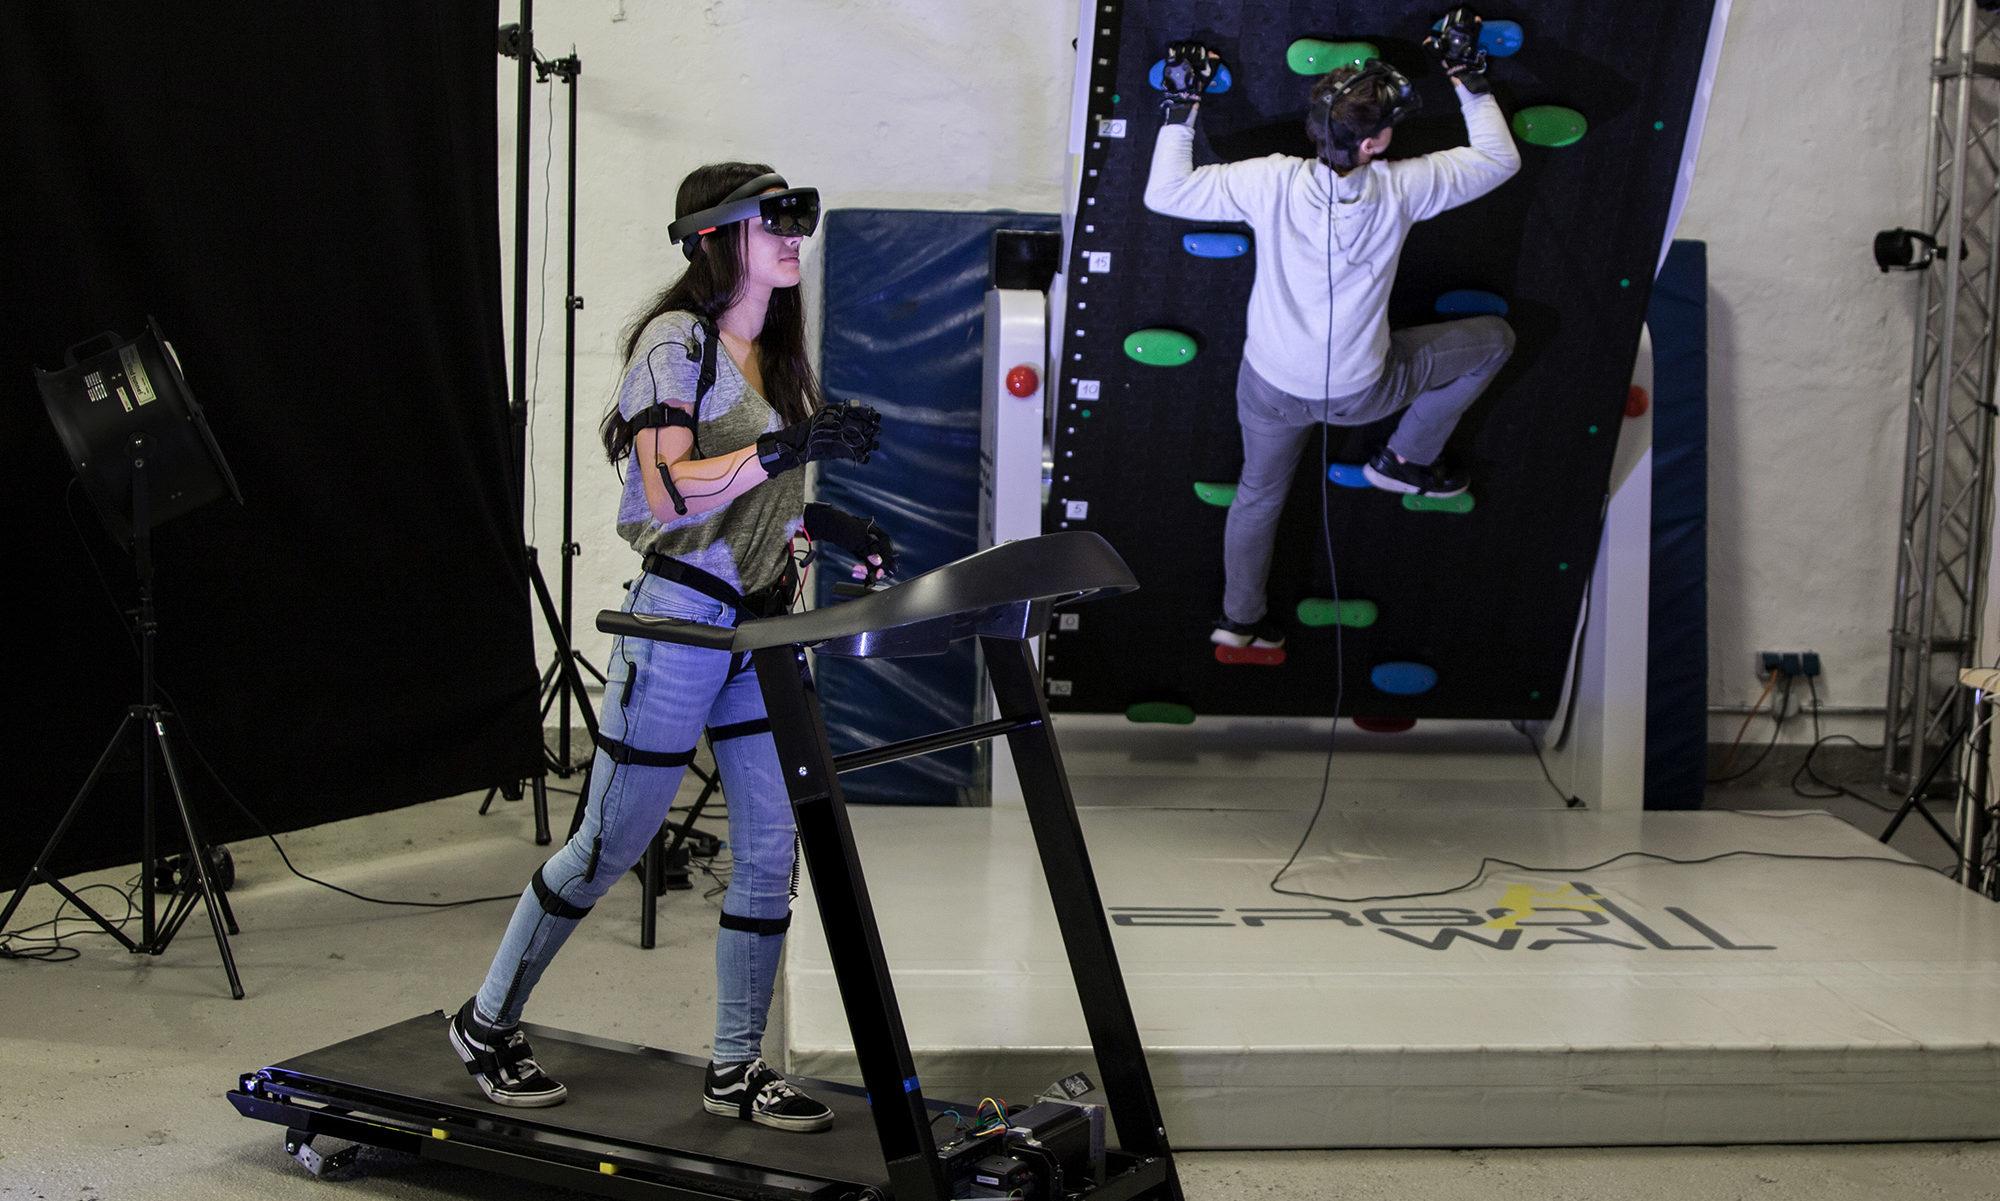 Virtuelle und Augmentierte Realität für Gesundheit und Wohlbefinden